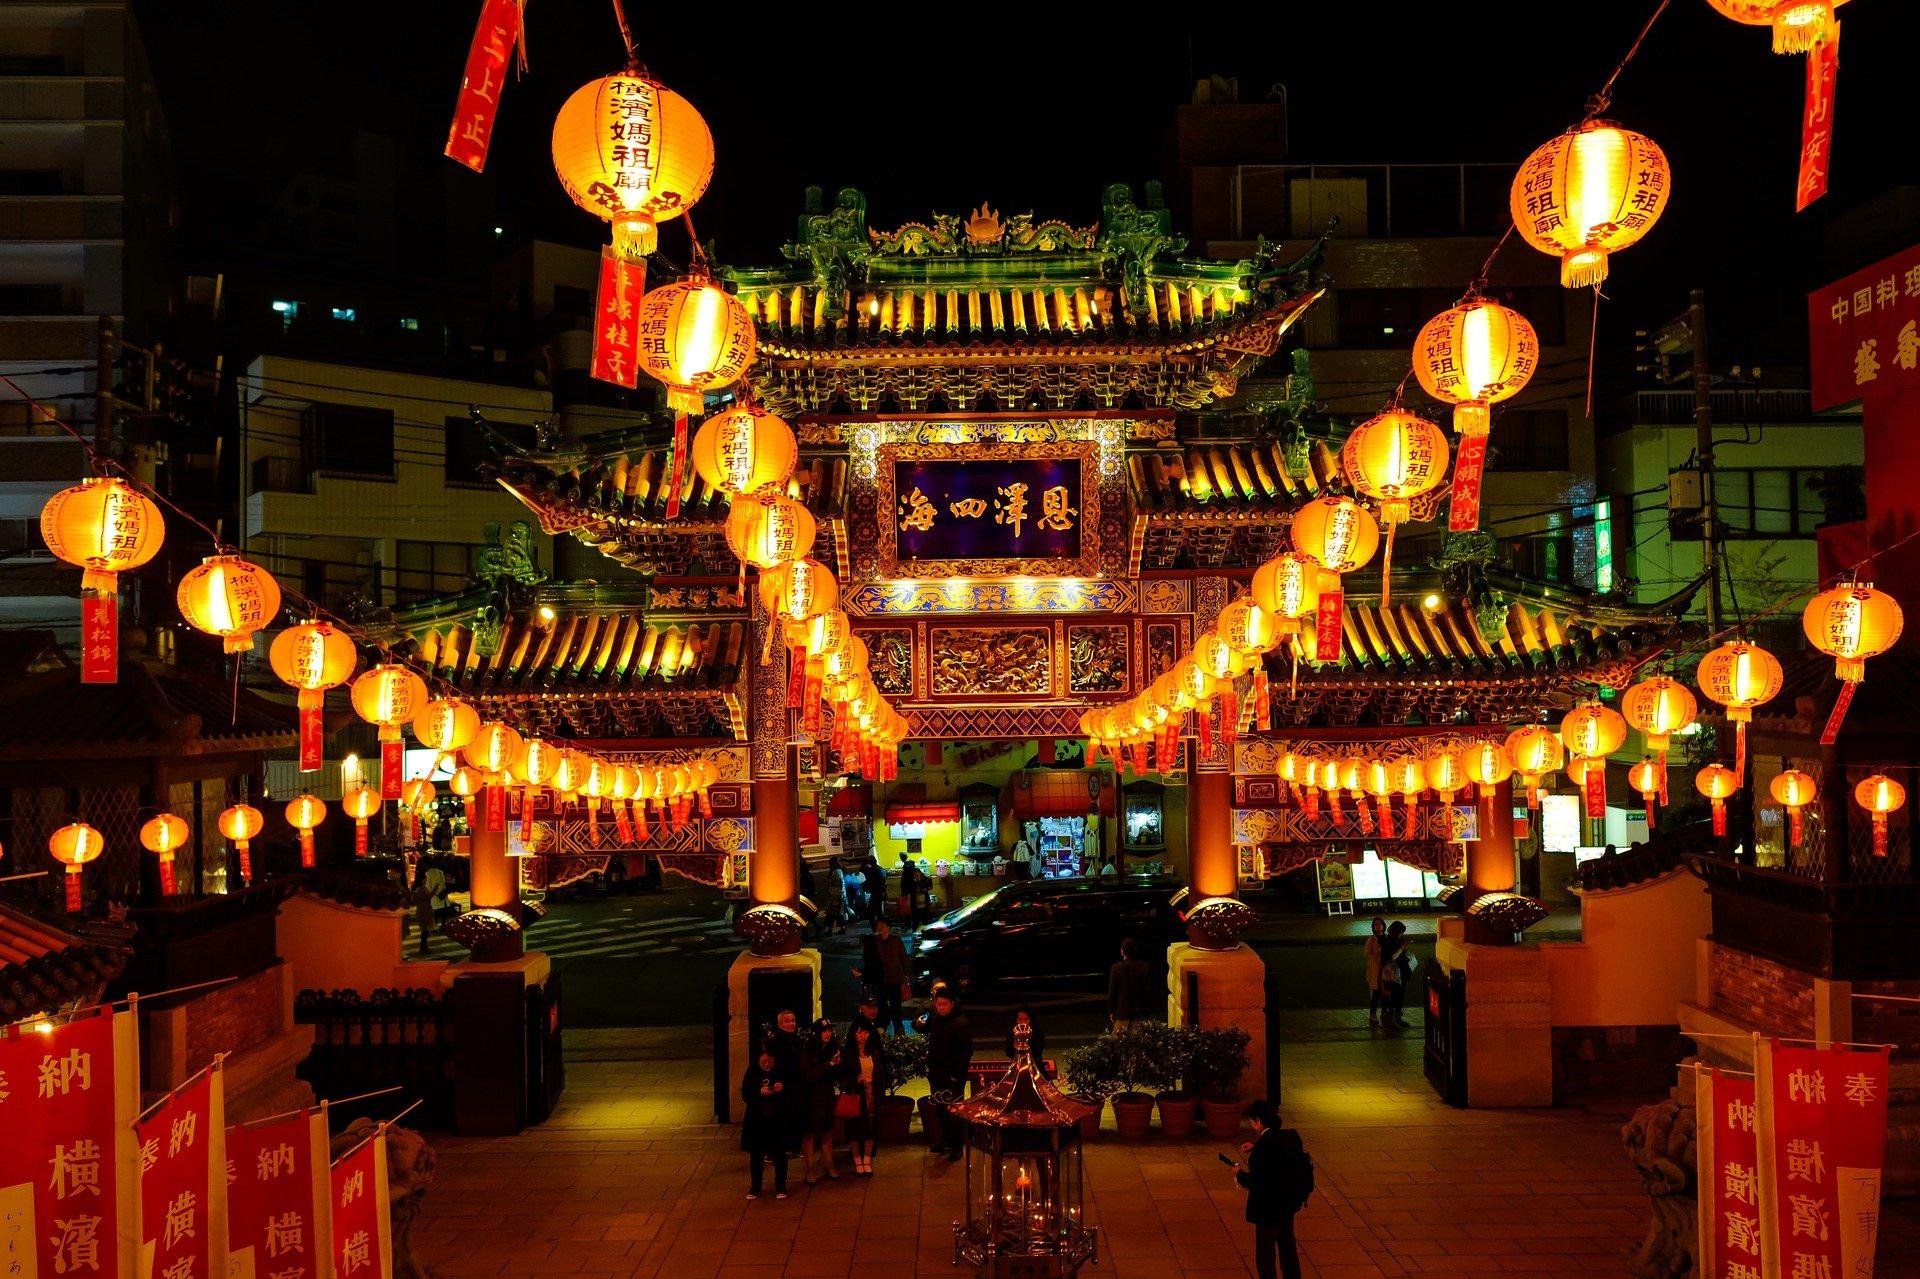 Chukagai yokohama chinatown